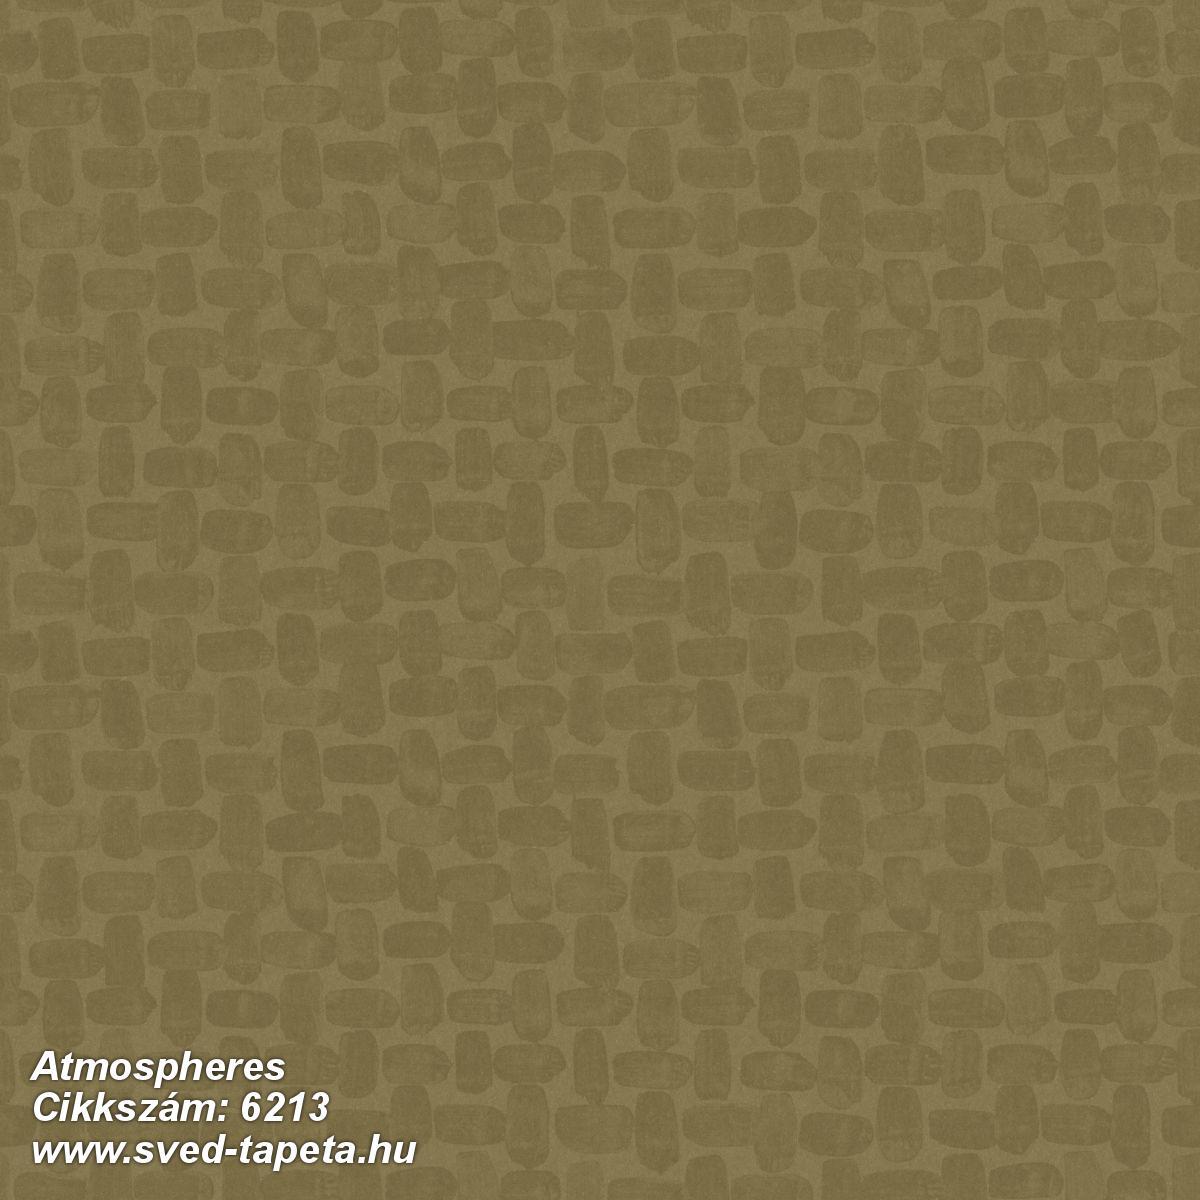 Atmospheres 6213 cikkszámú svéd ECOgyártmányú designtapéta